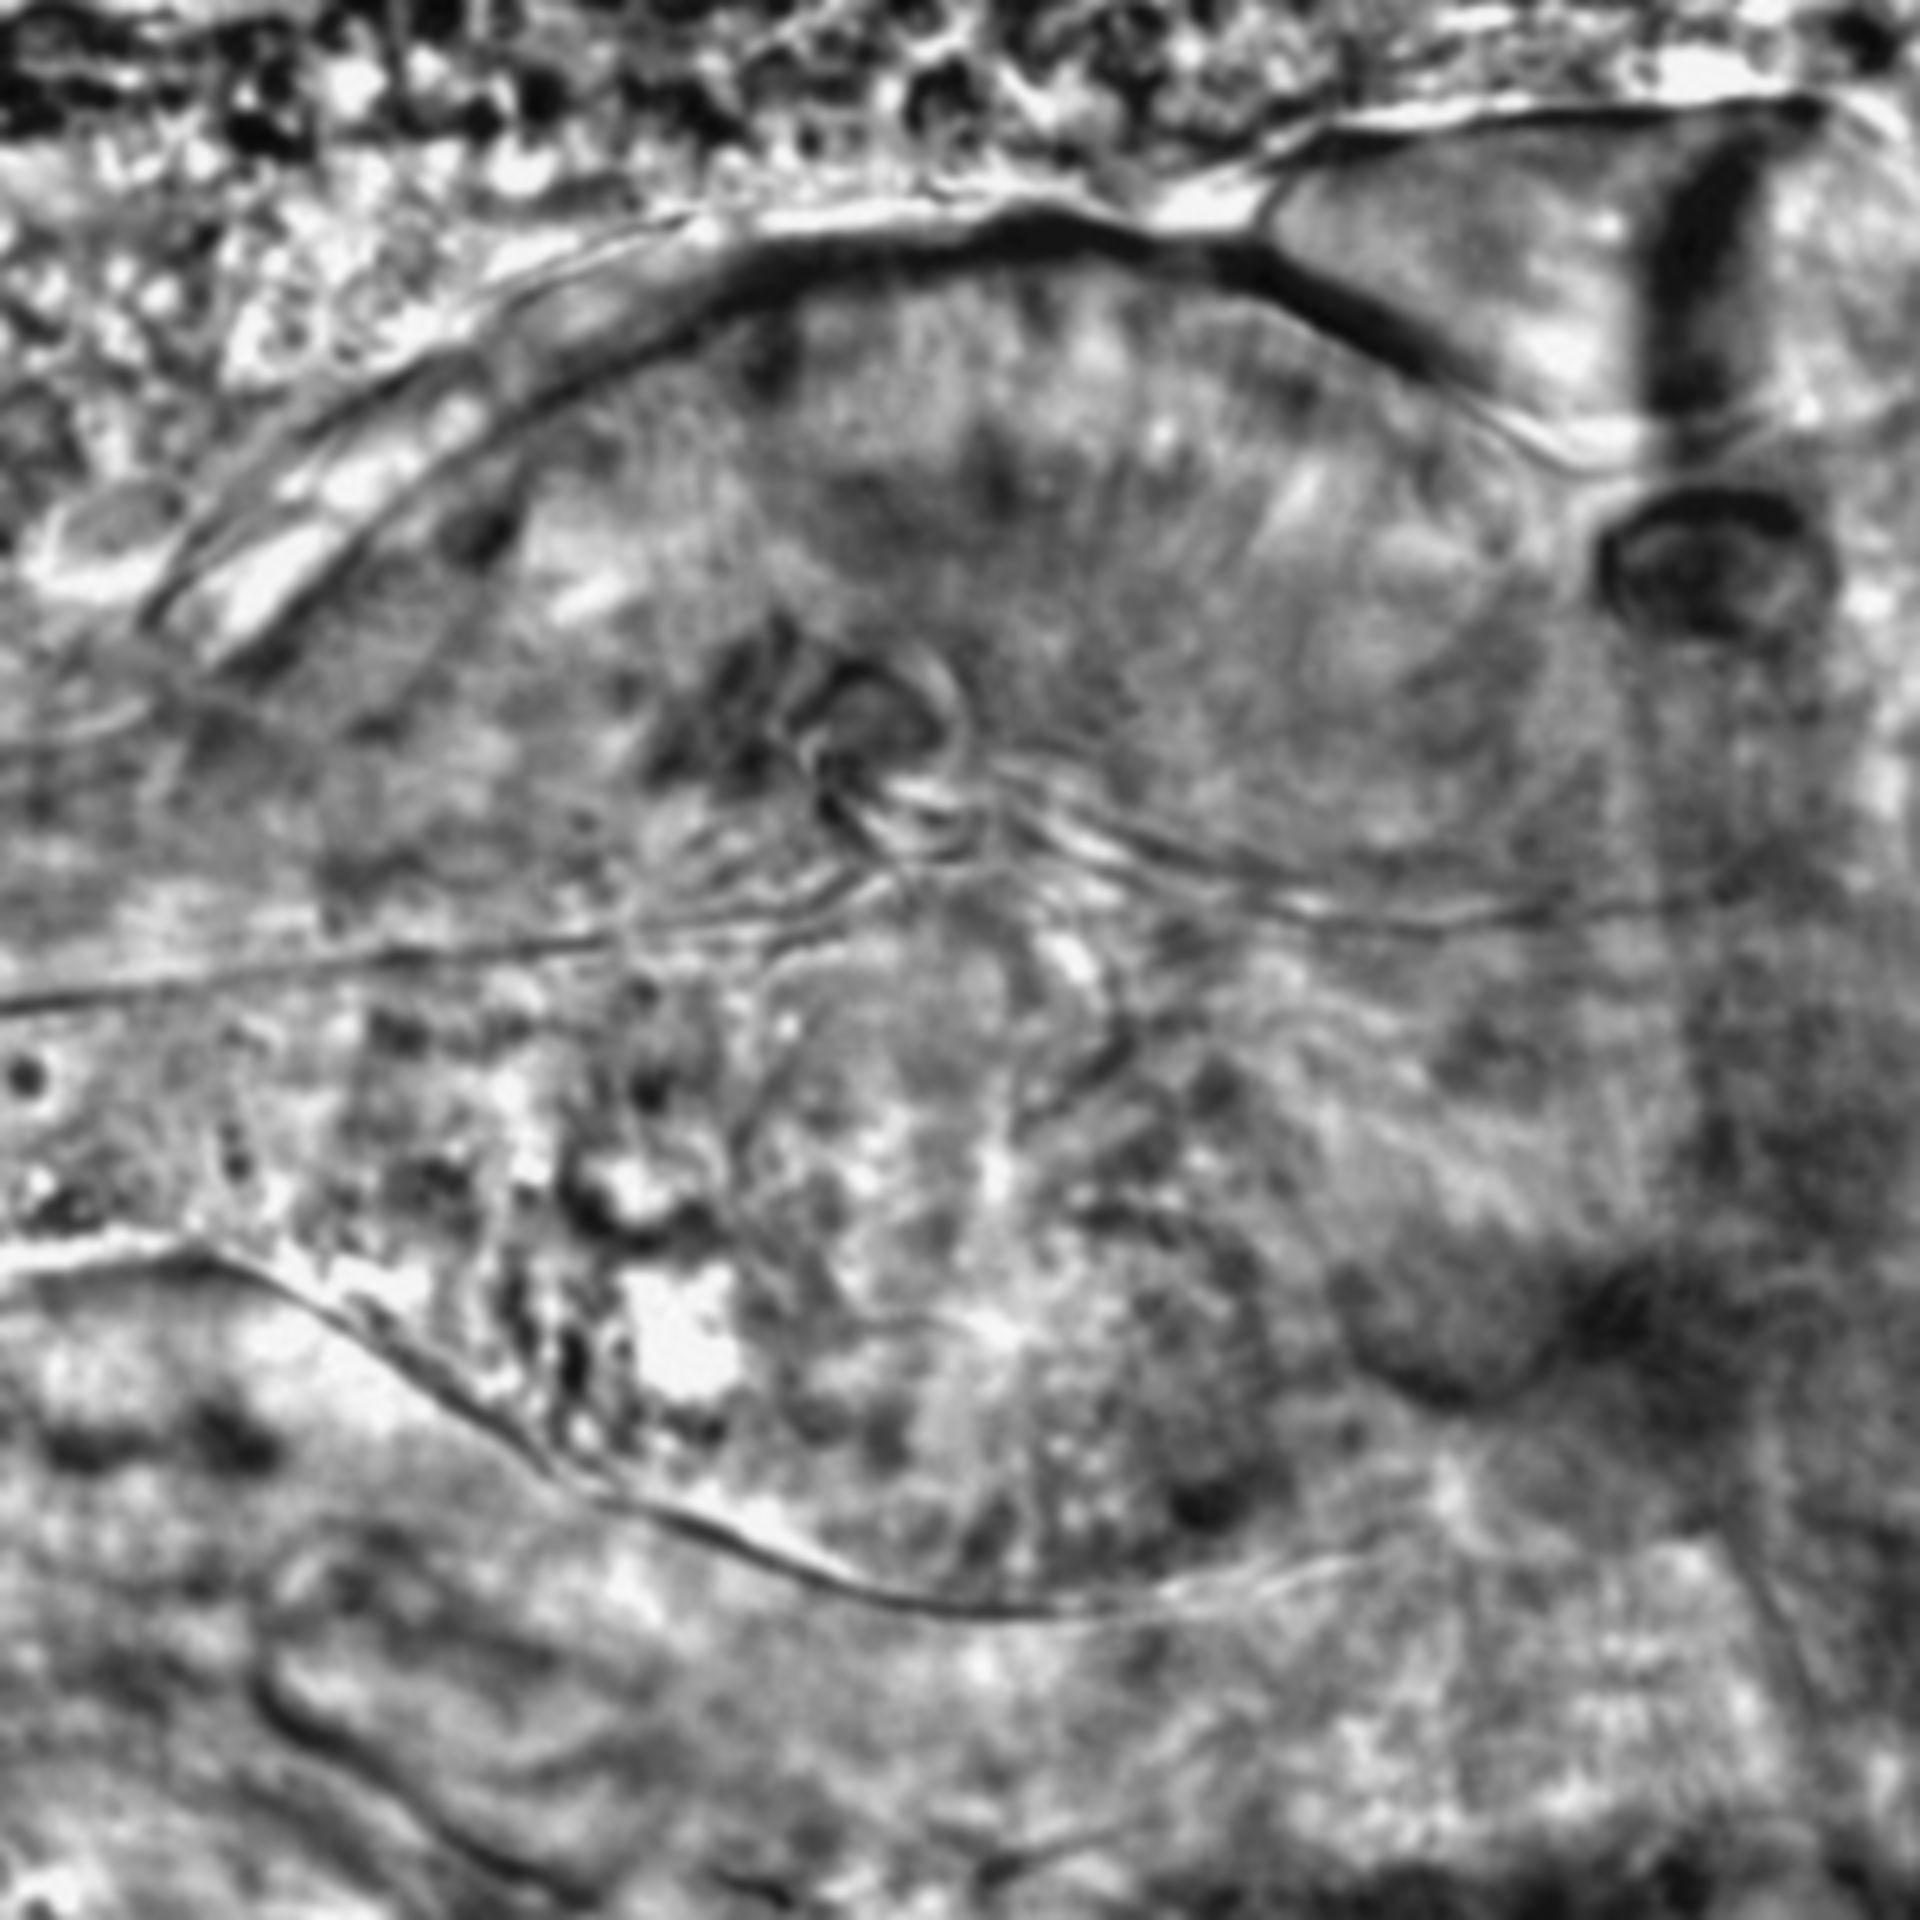 Caenorhabditis elegans - CIL:2156